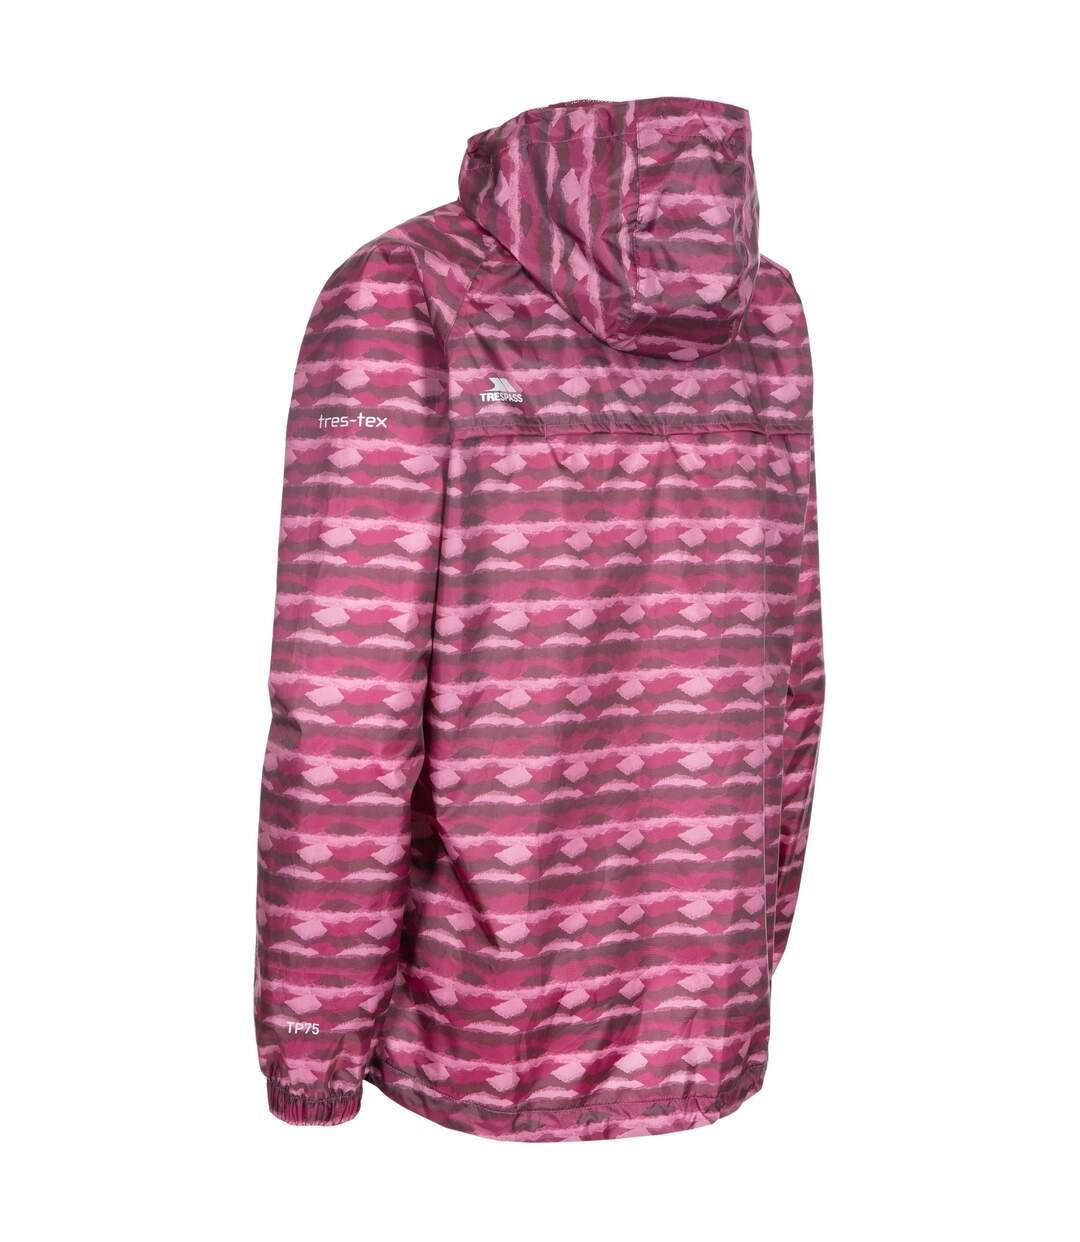 Trespass Womens/Ladies Indulge Waterproof Packaway Jacket (Fig Print) - UTTP4649